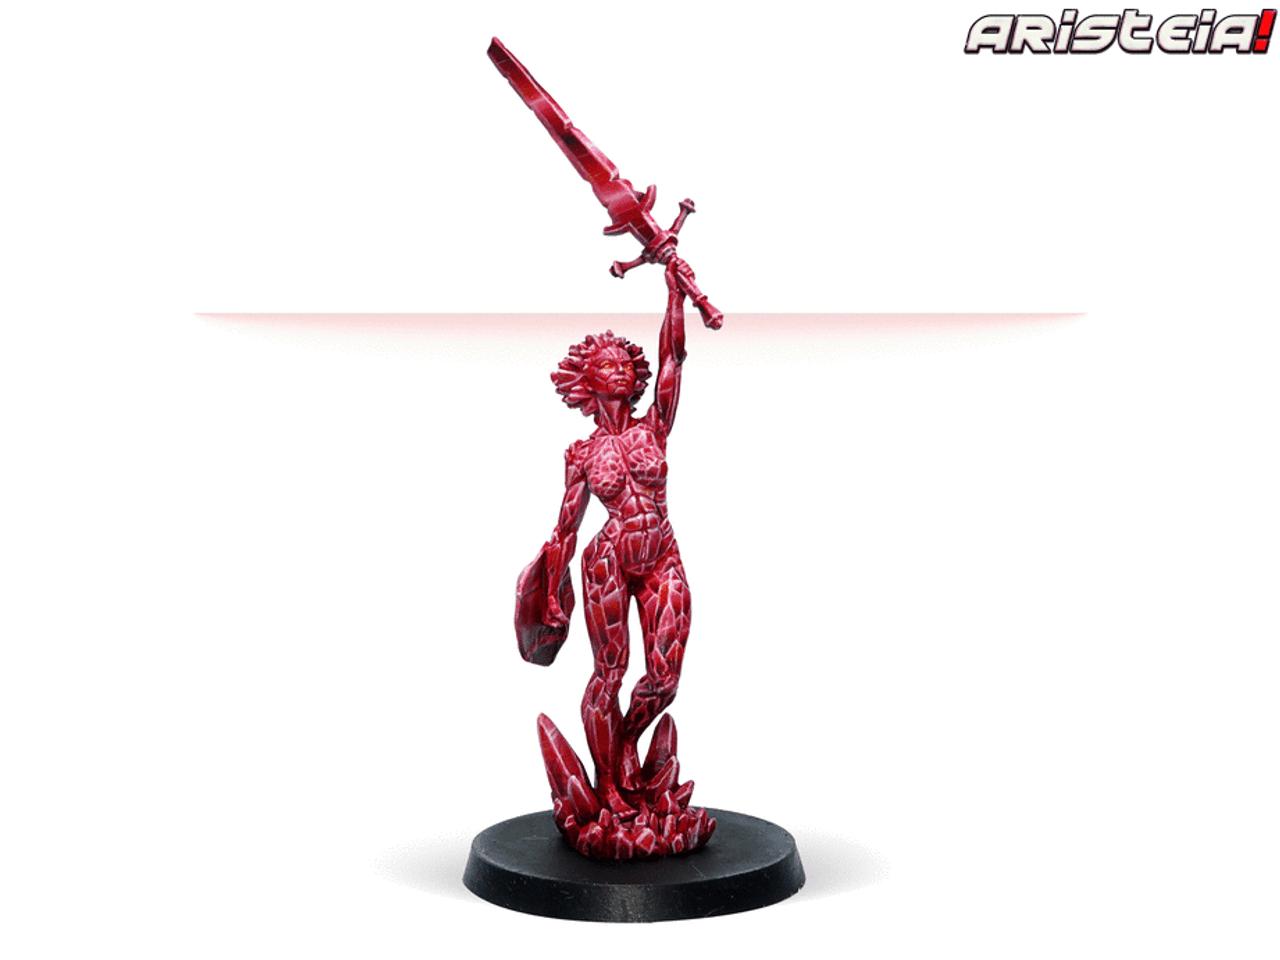 Aristeia! Prysm Crimson Ice